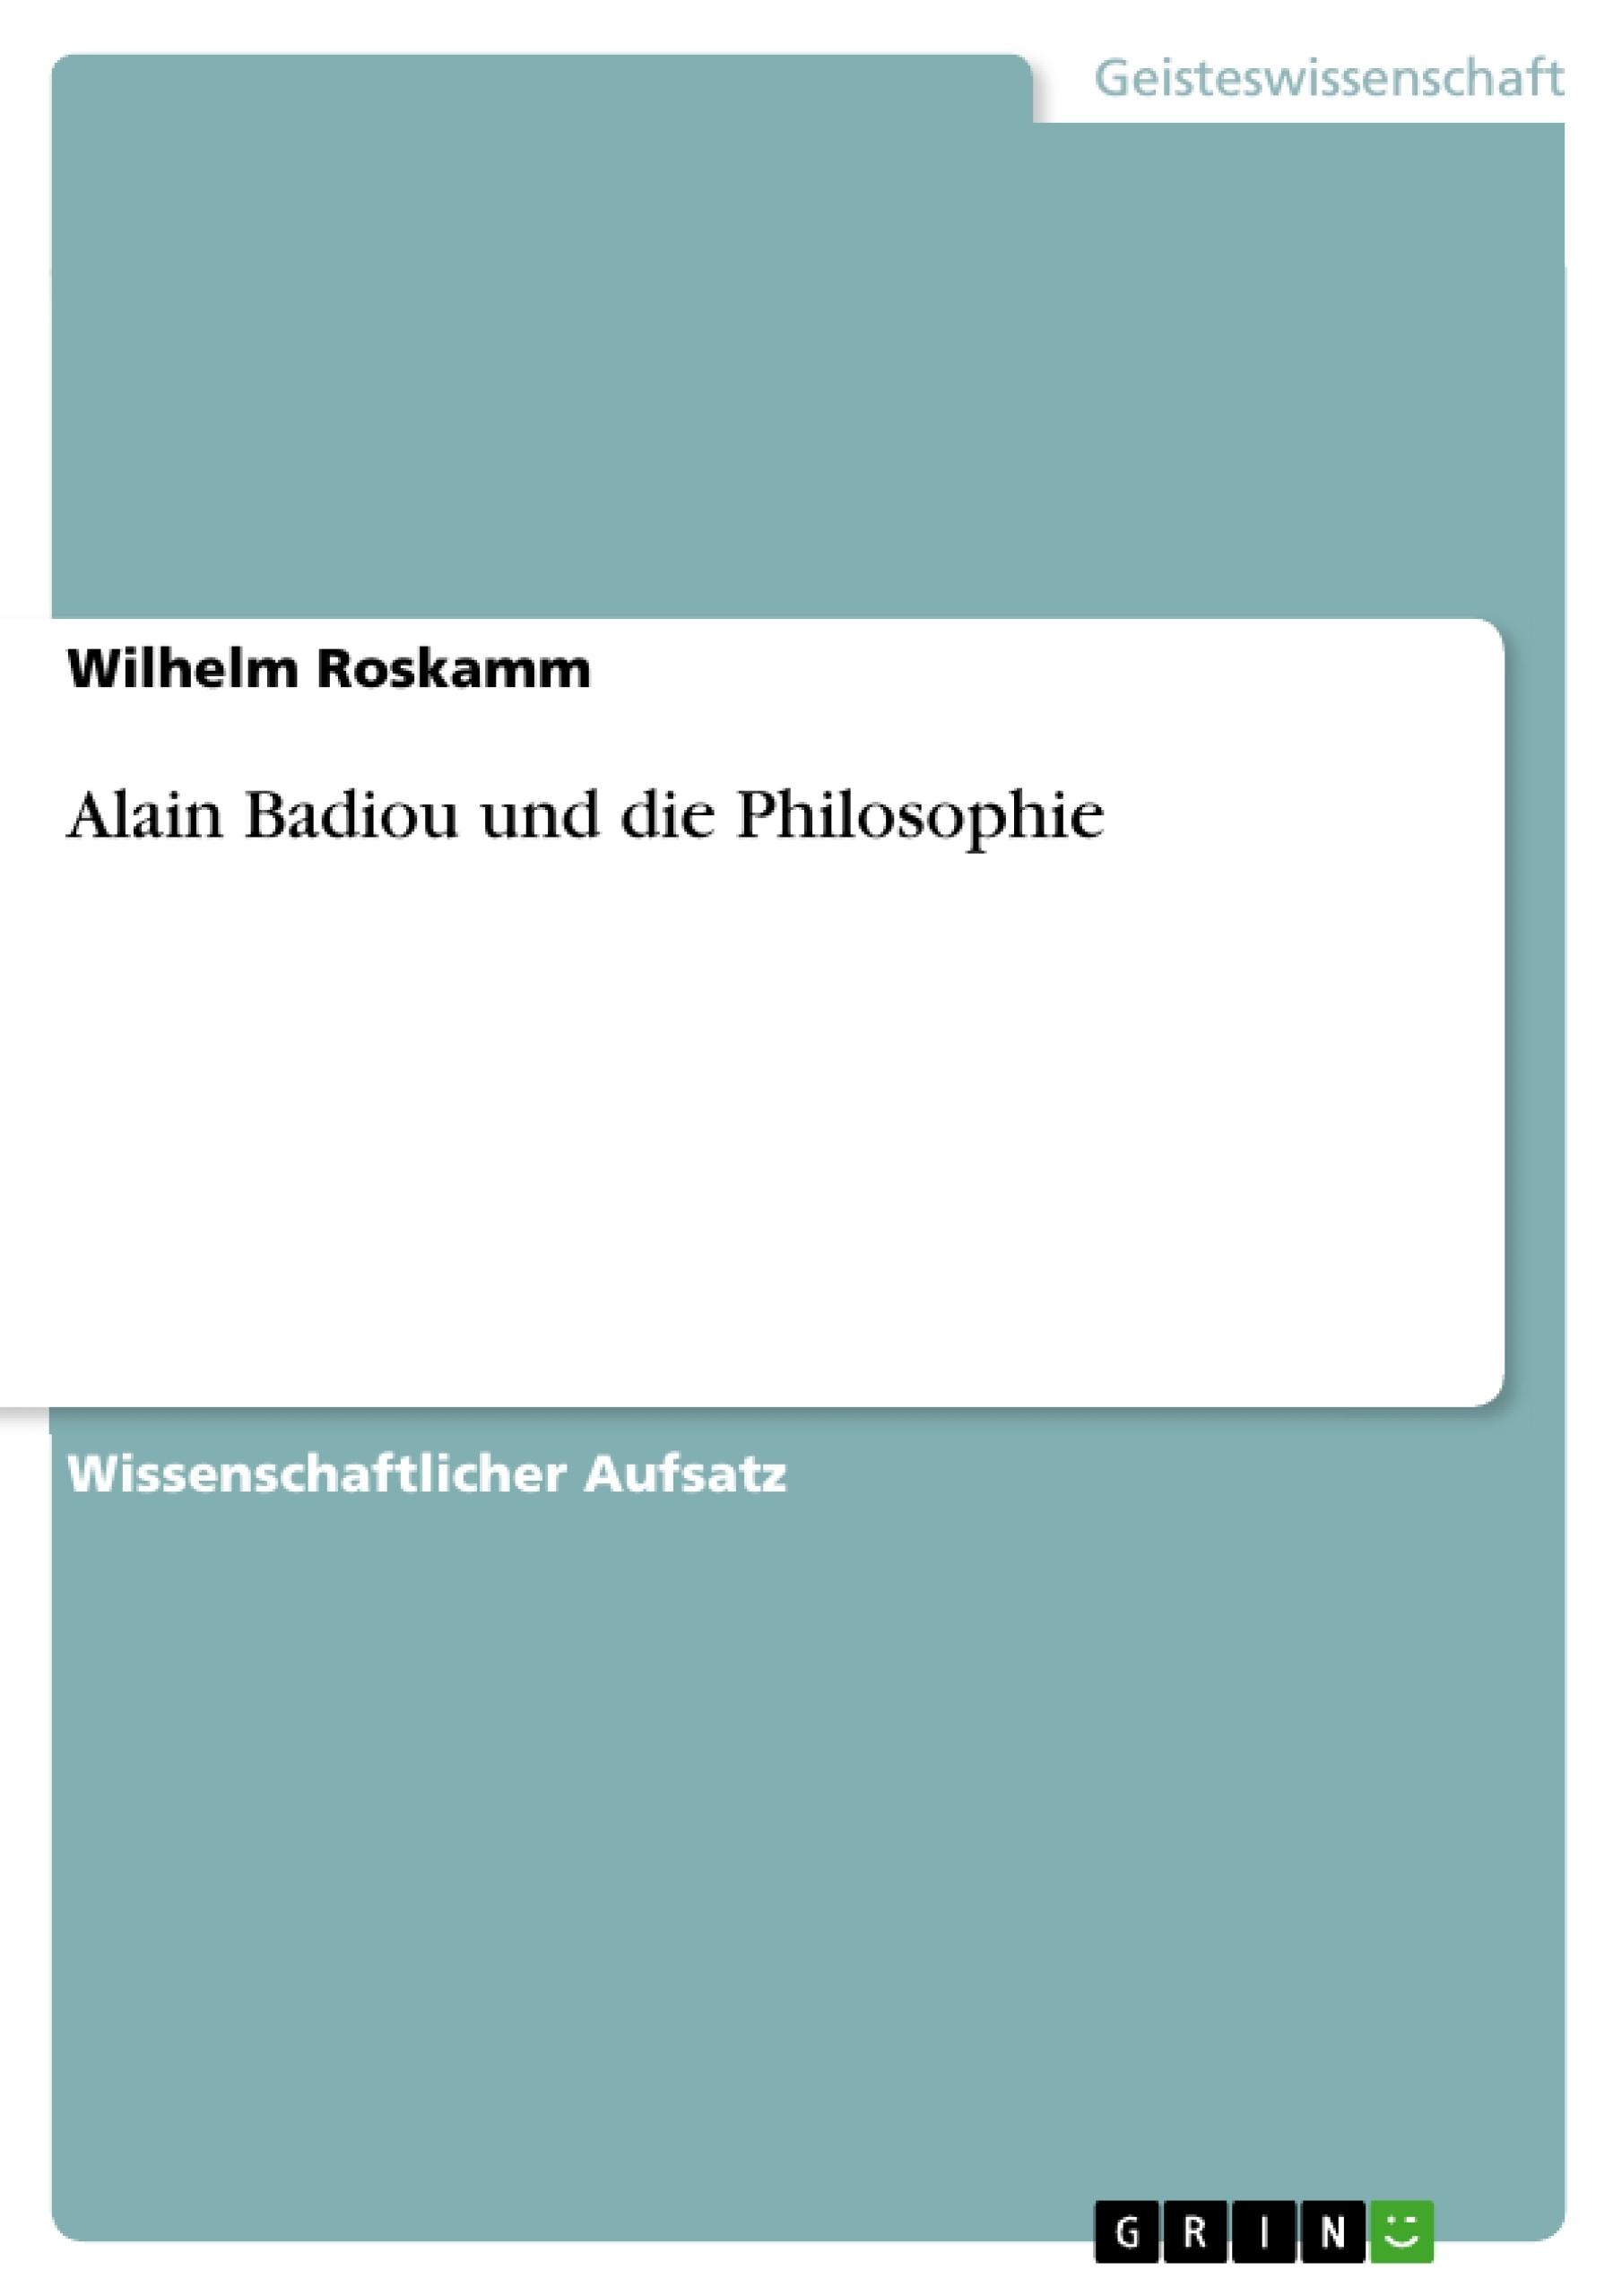 Titel: Alain Badiou und die Philosophie